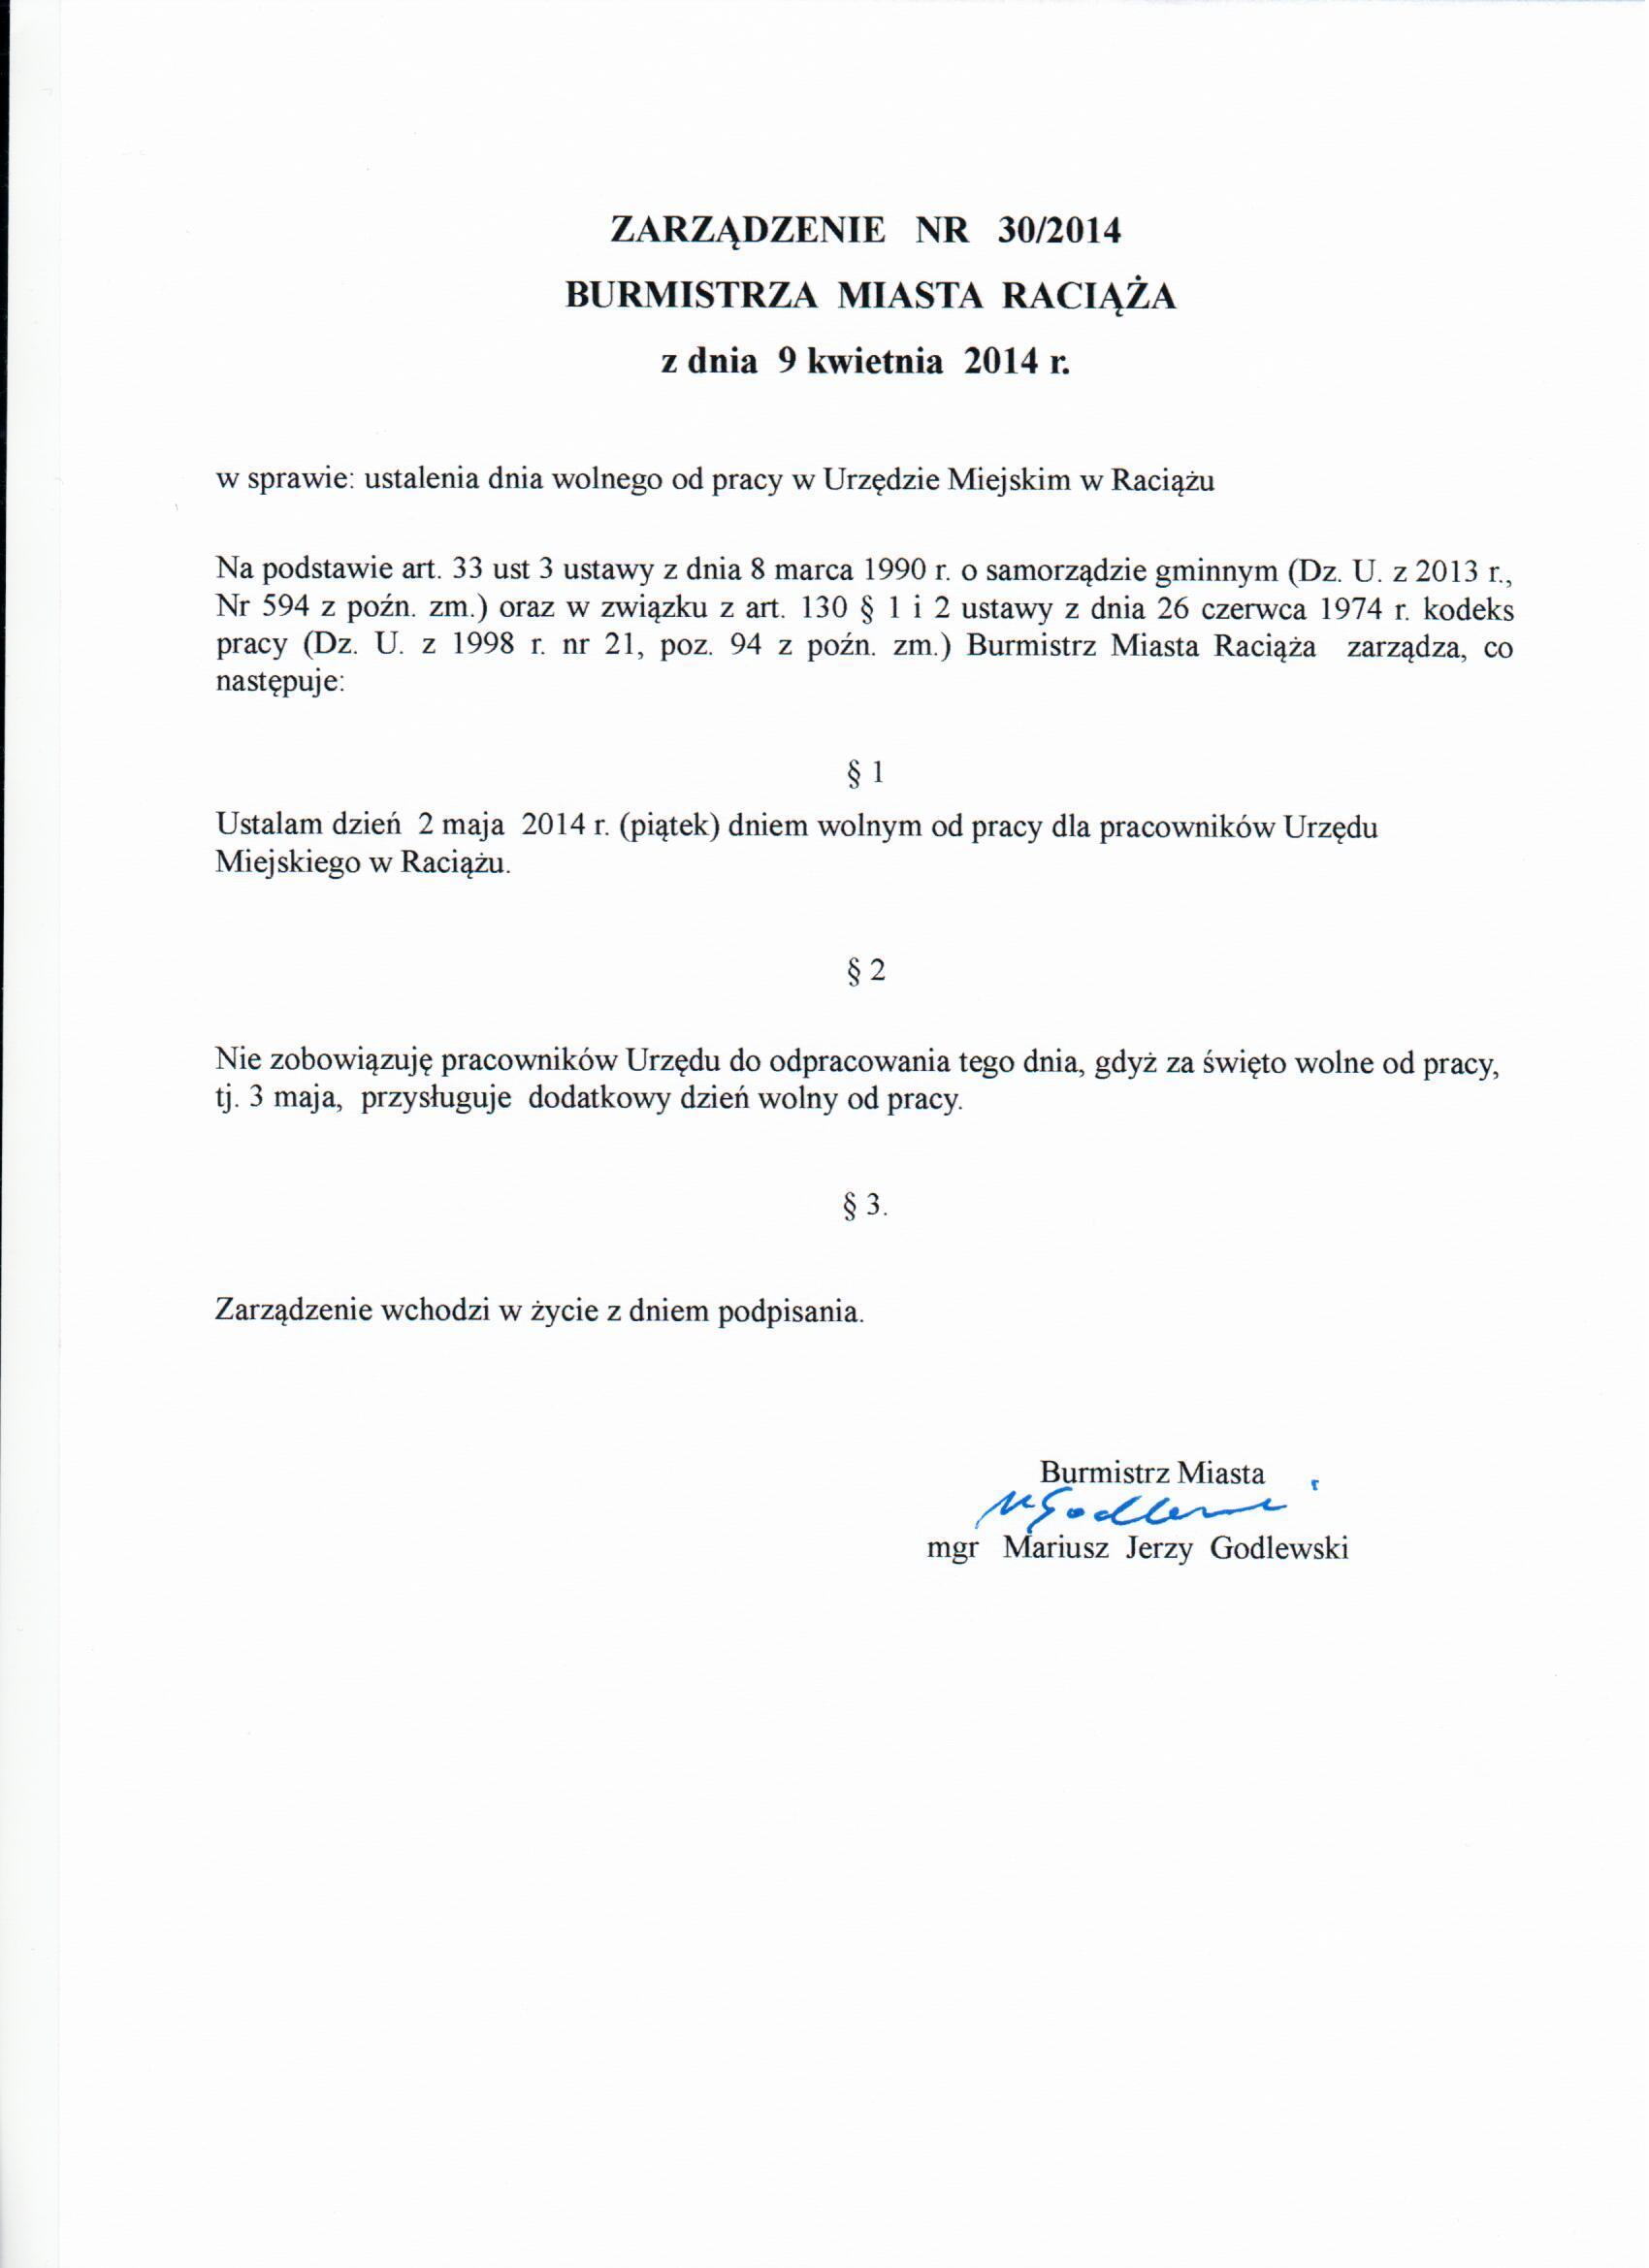 ZARZĄDZENIE NR 30/2014 BURMISTRZA MIASTA RACIĄŻĄ z dnia 9 kwietnia 2014 r.